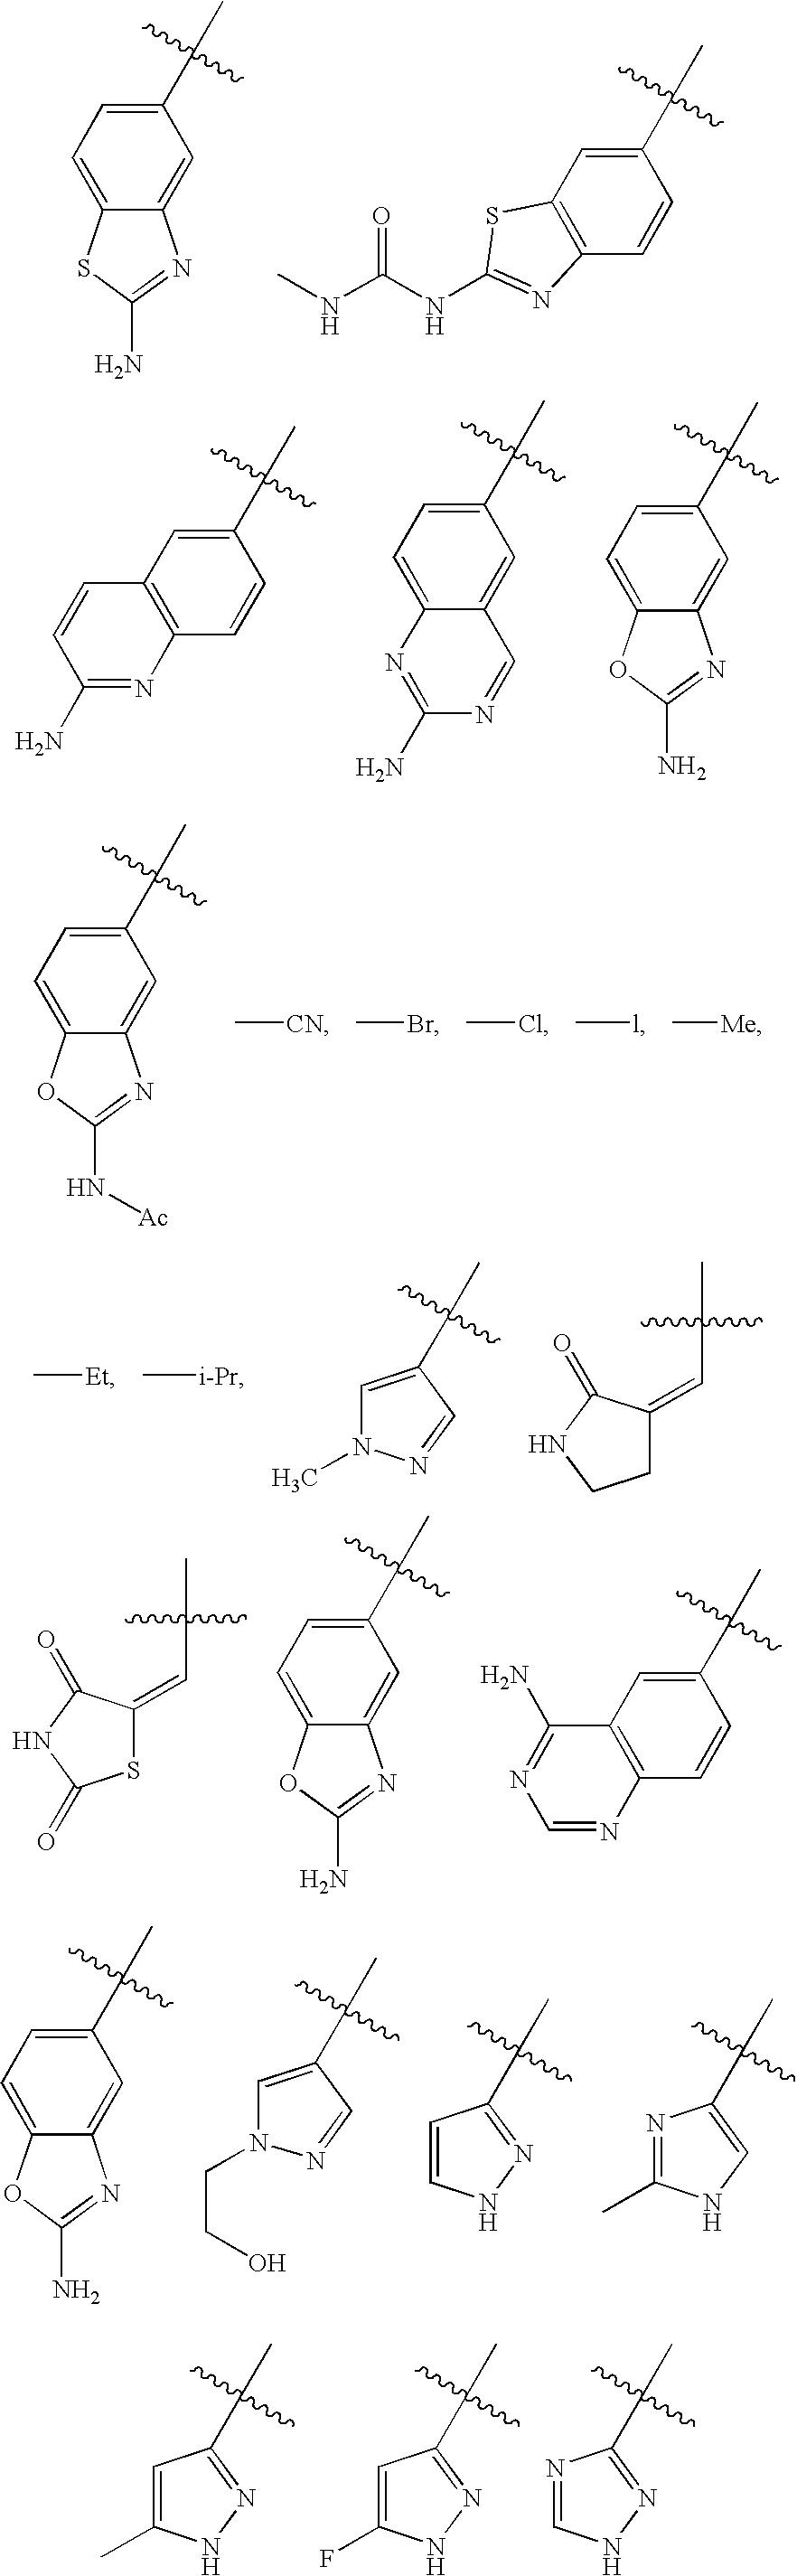 Figure US20090312319A1-20091217-C00052